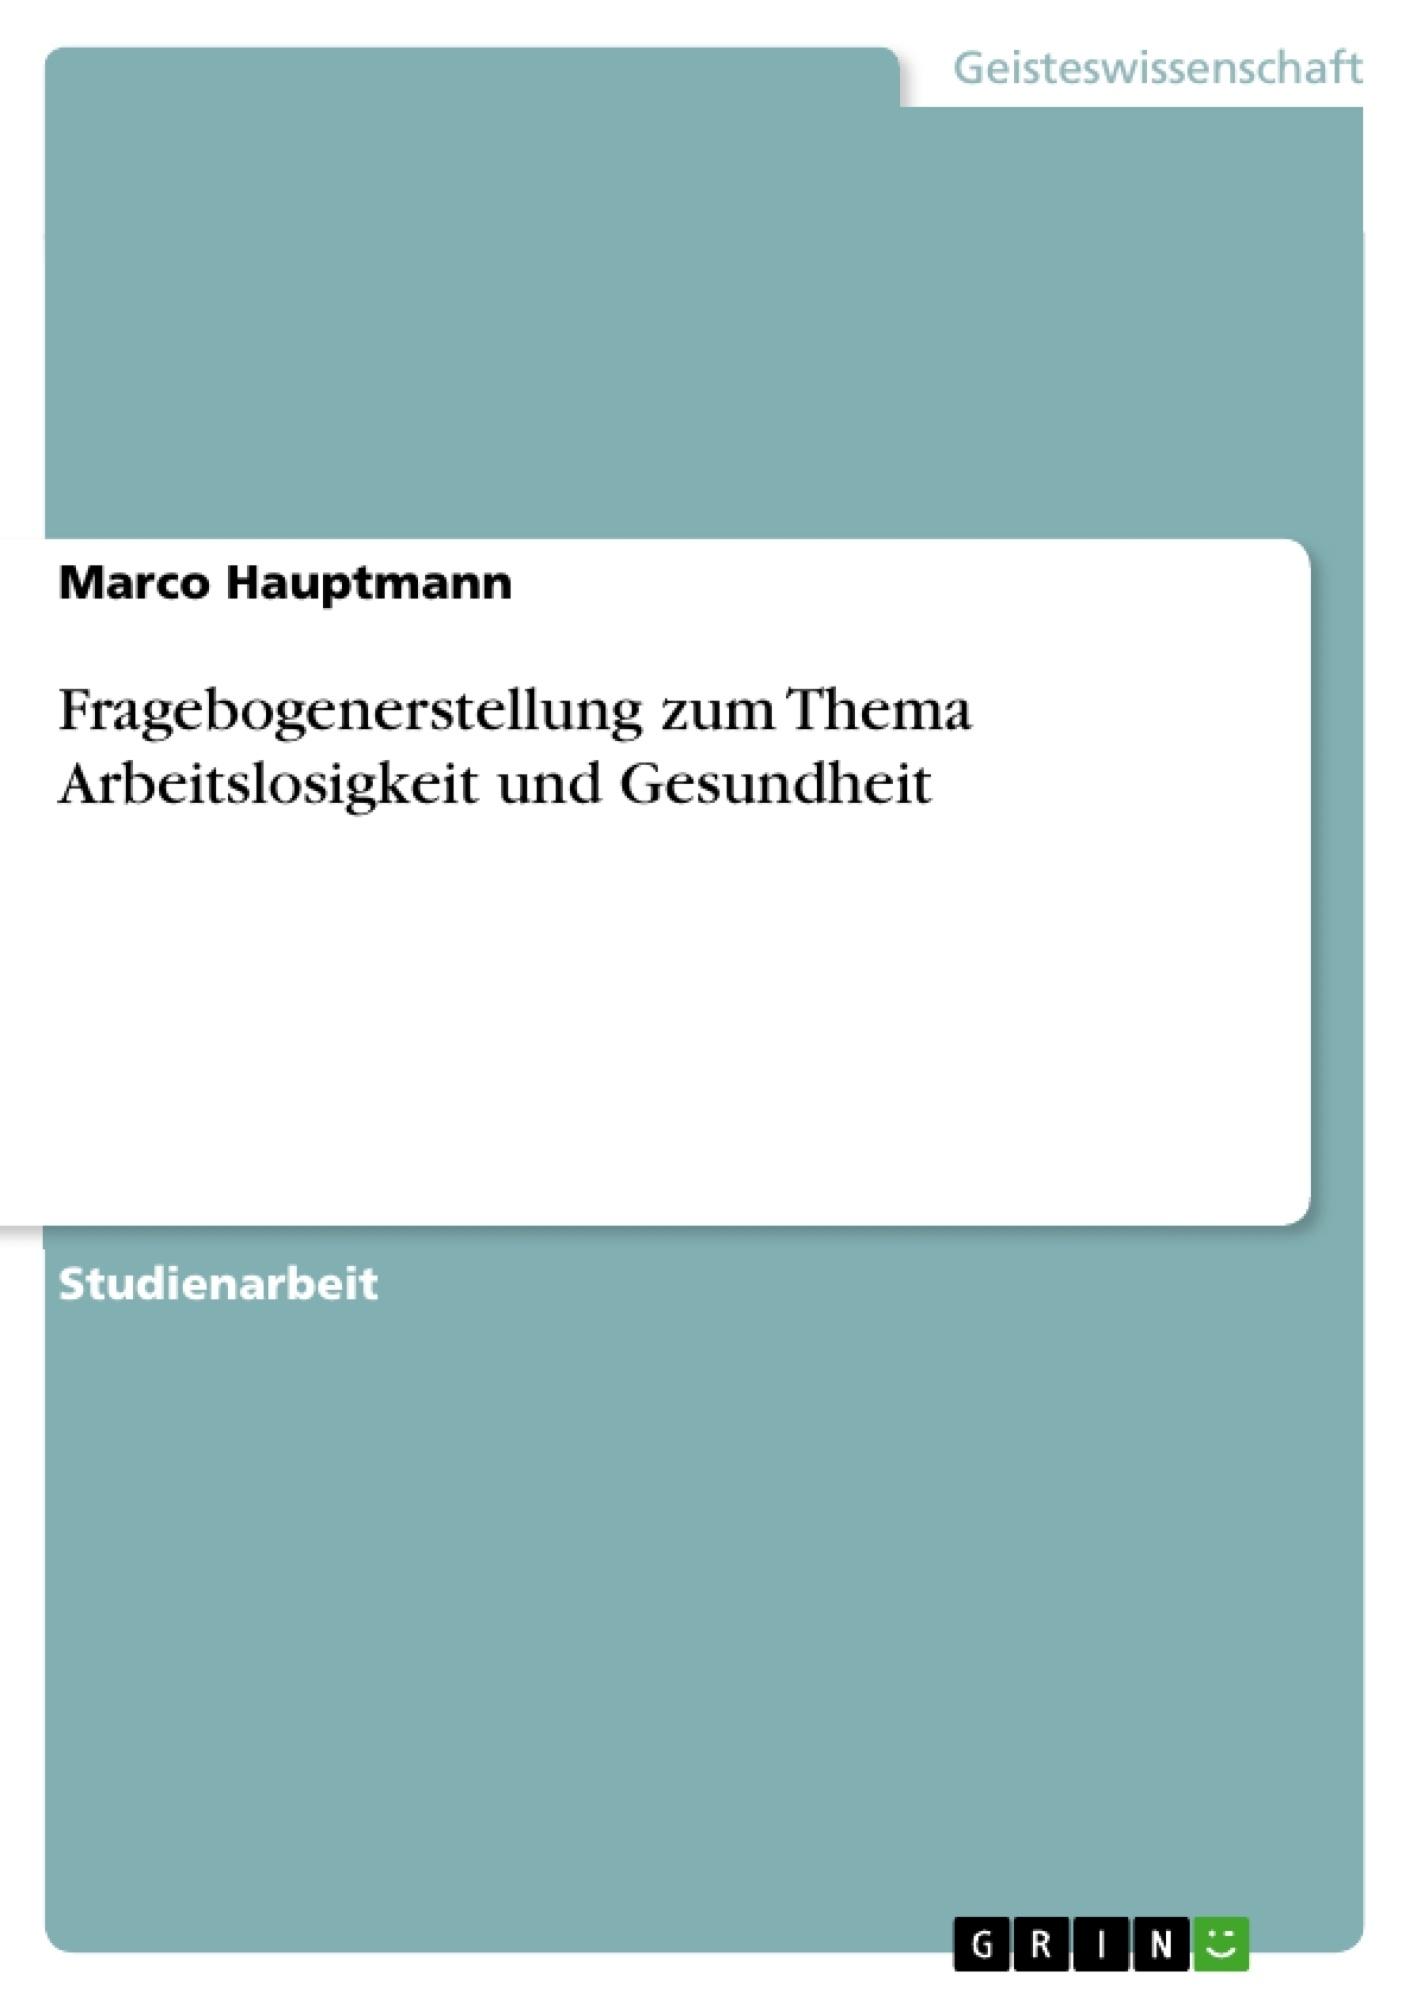 Titel: Fragebogenerstellung zum Thema Arbeitslosigkeit und Gesundheit